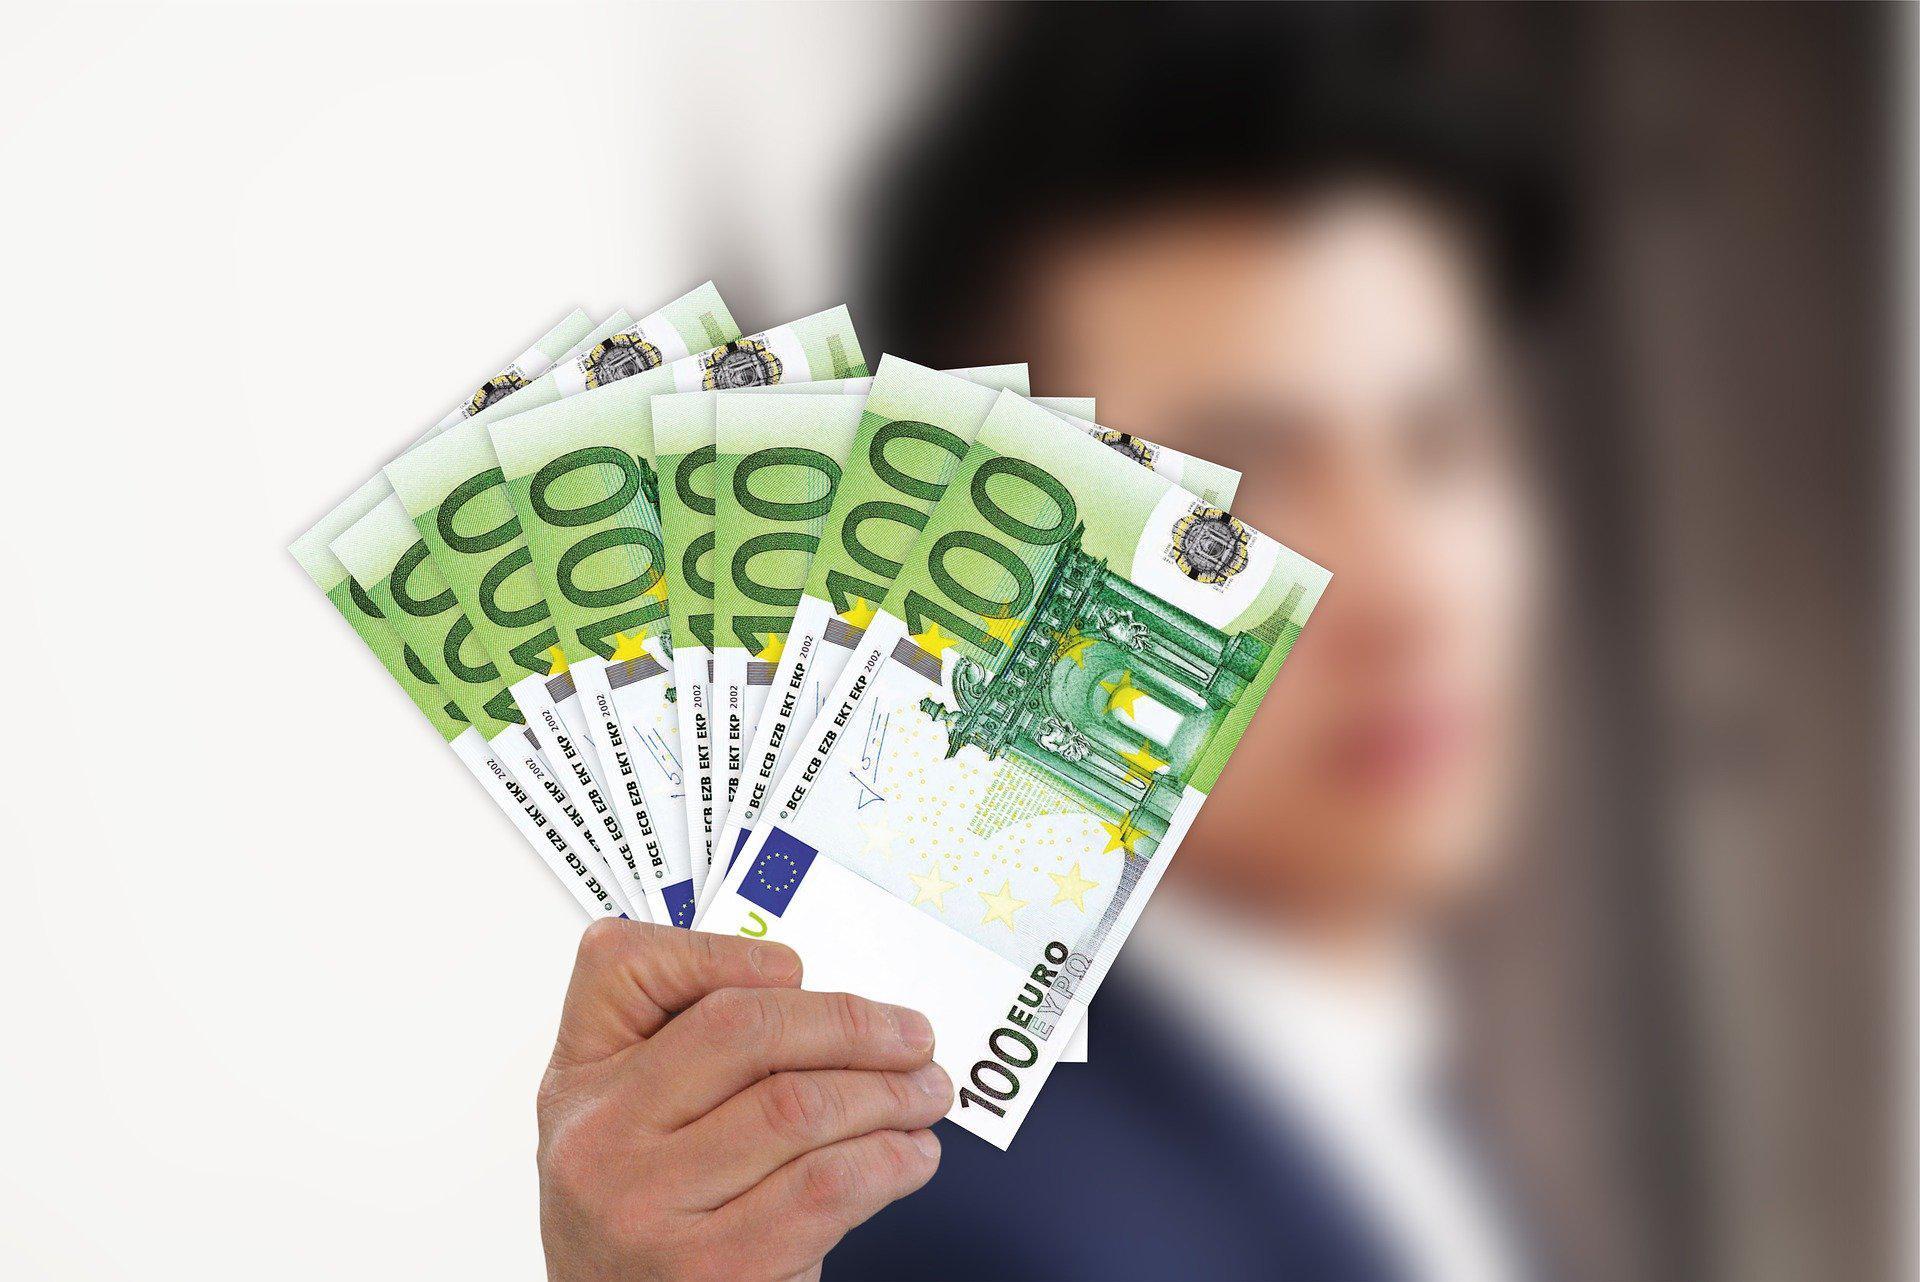 Правительство до 15 июля внесет поправки для деофшоризации экономики